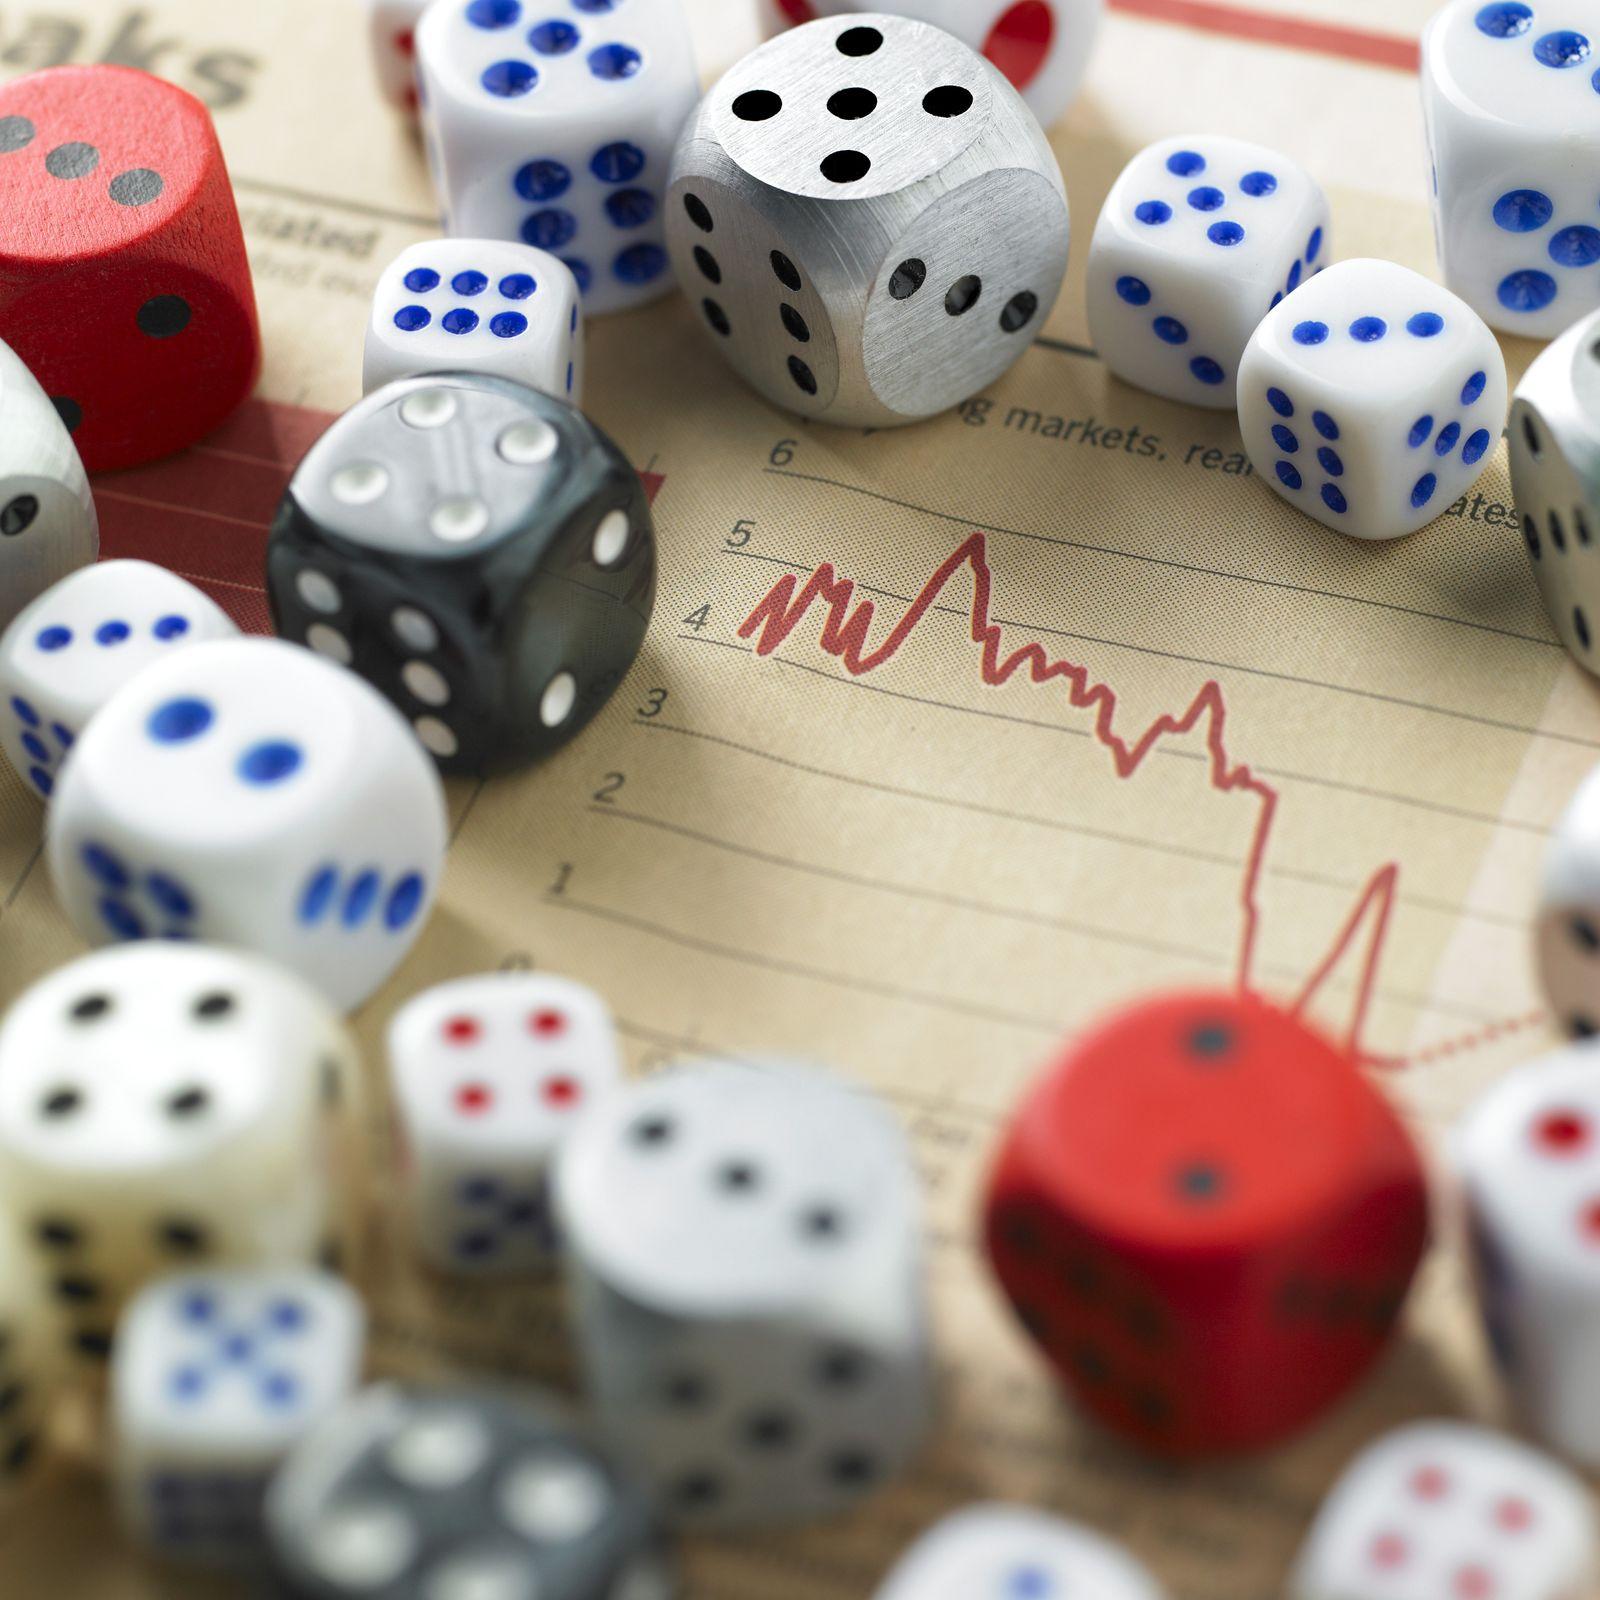 NICHT MEHR VERWENDEN! - Glücksspiel / Zufall / Würfel / Casino / Aktienpoker